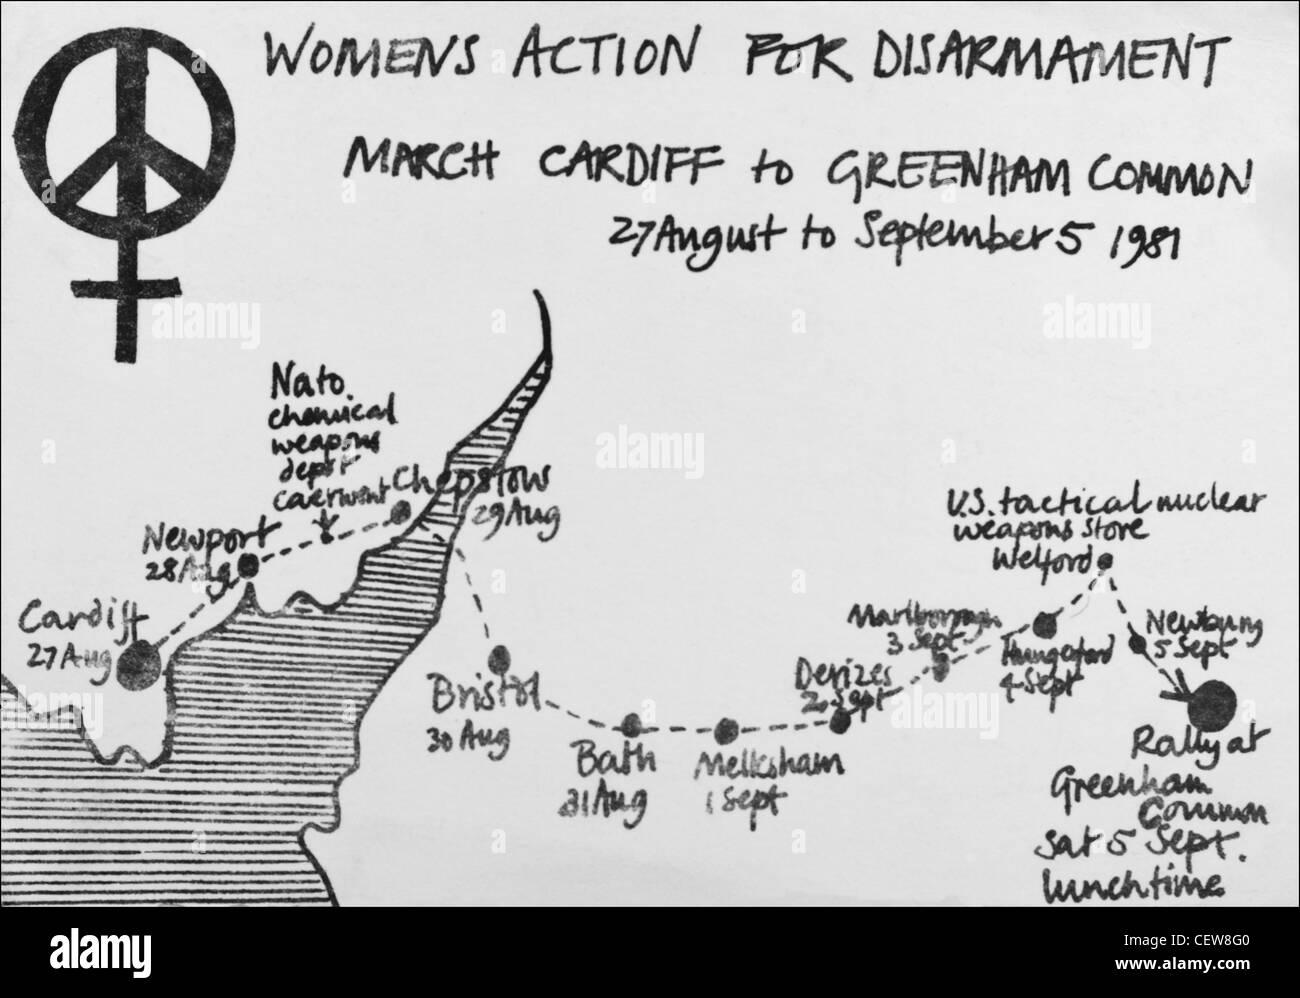 Cartolina del Womens Azione per il disarmo a Cardiff Greenham Common CND la pace marzo 27 agosto al 5 settembre Immagini Stock